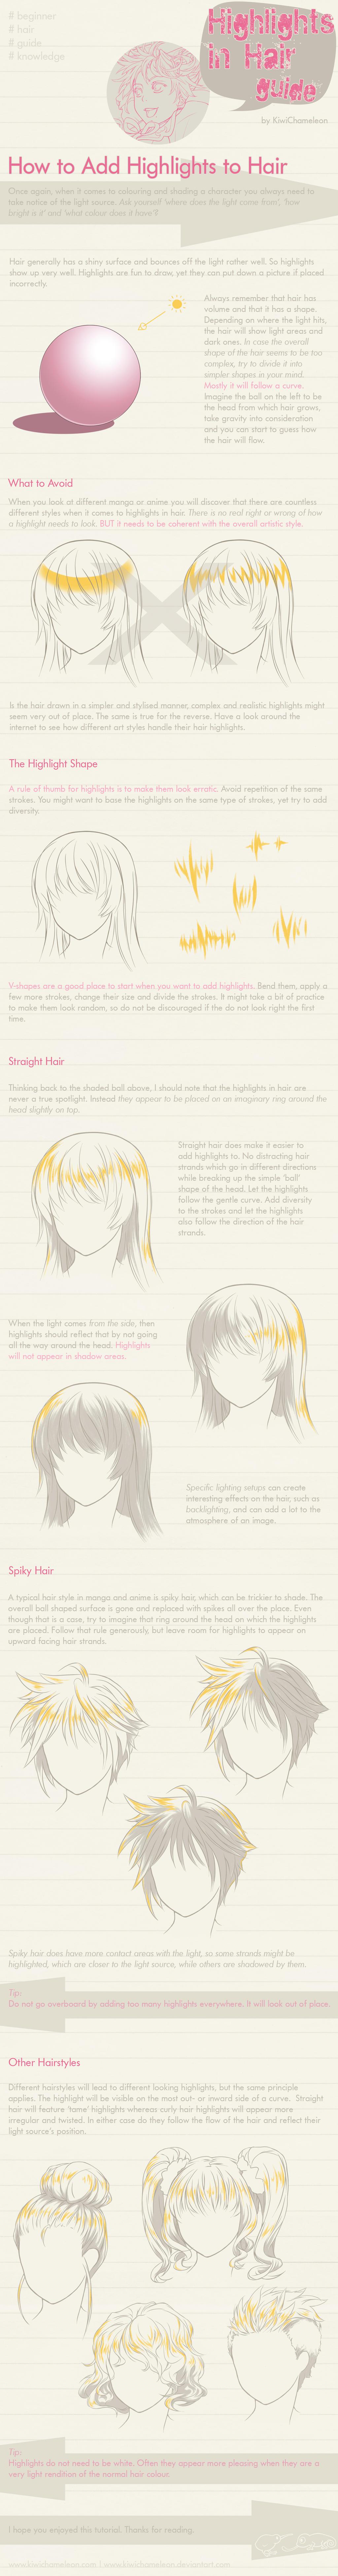 Highlights In Hair Guide By Kiwichameleon On Deviantart